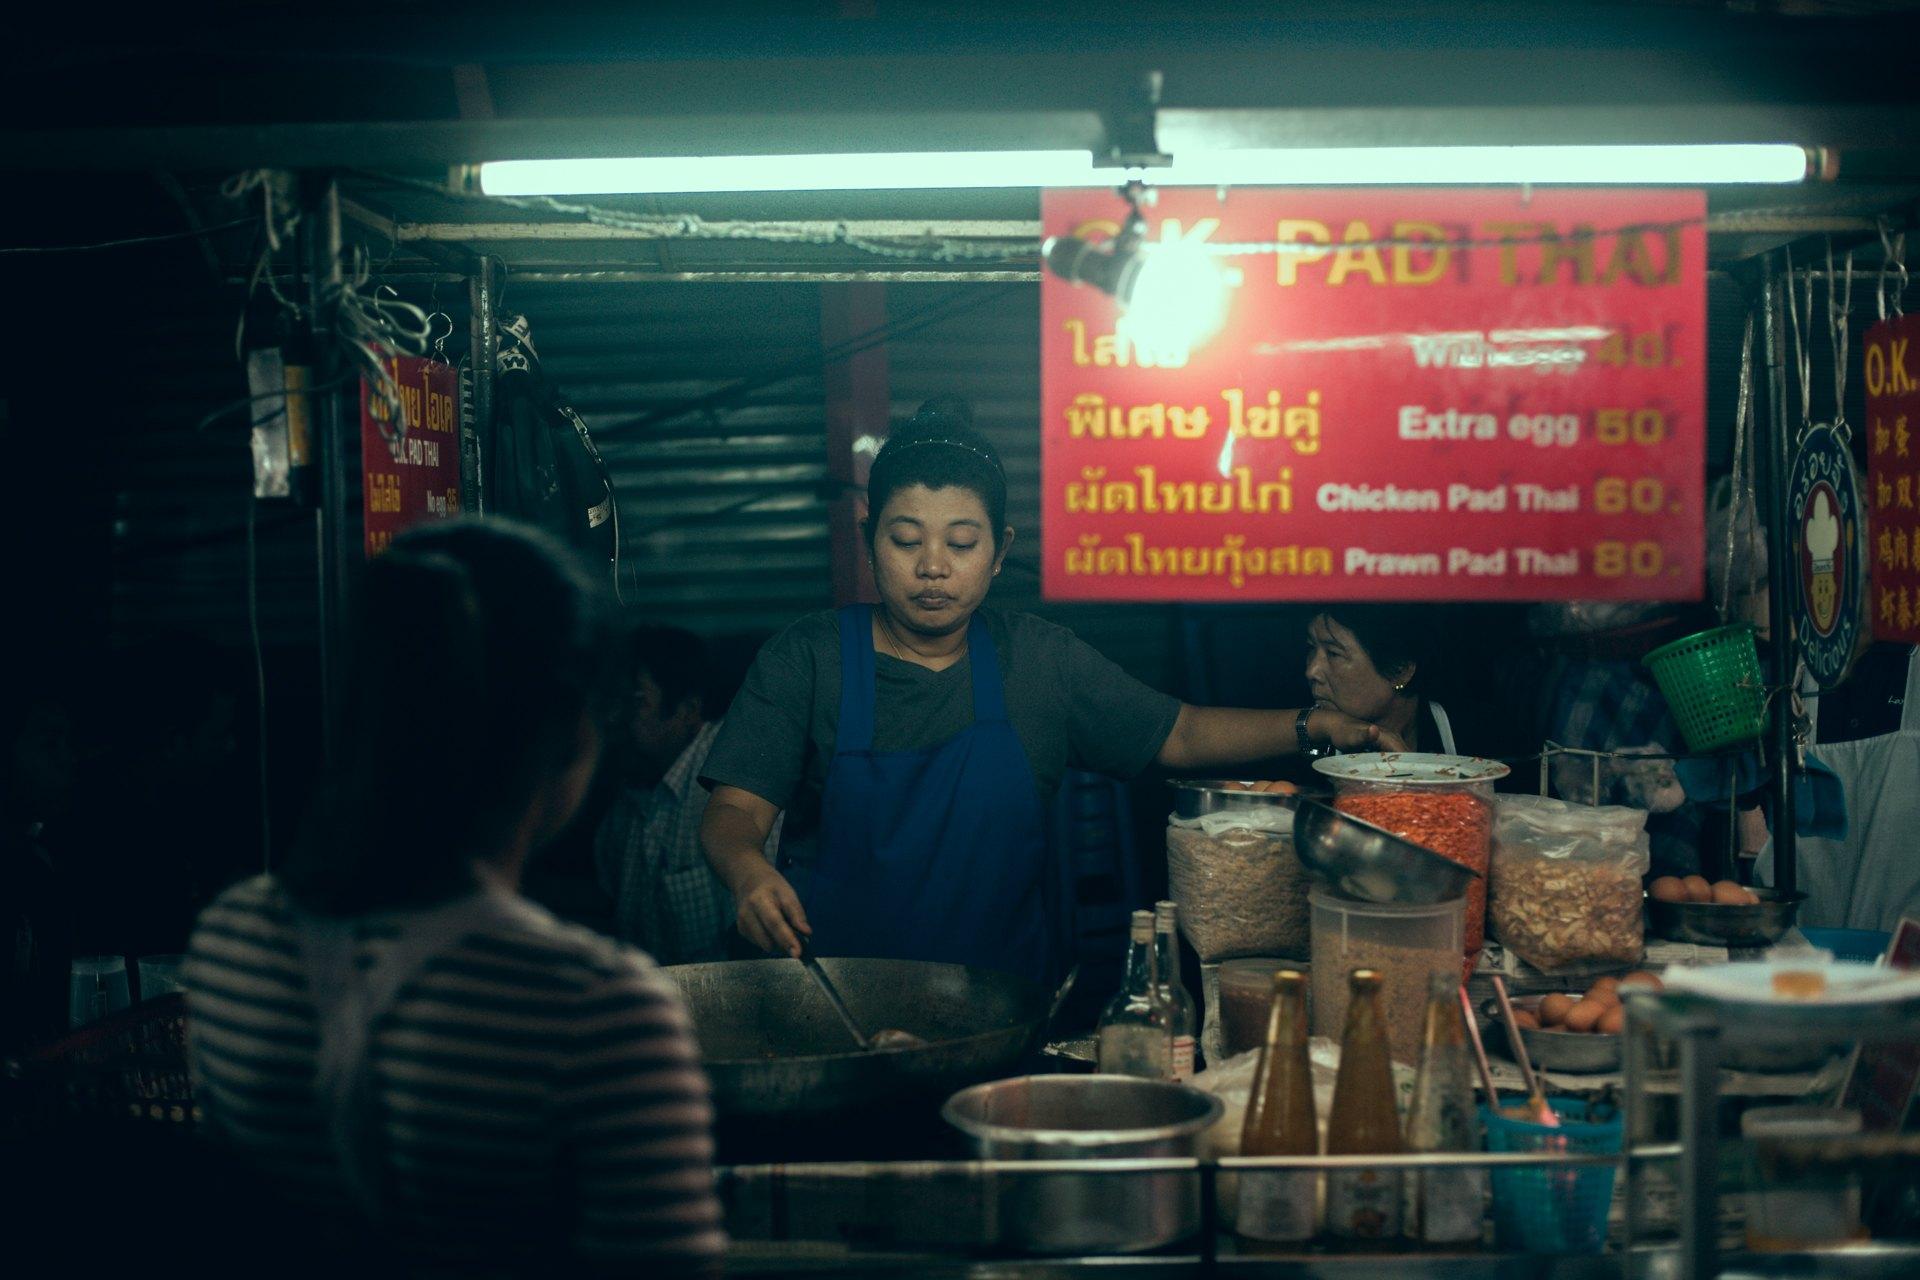 Tajlandia - Street food w Tajlandii